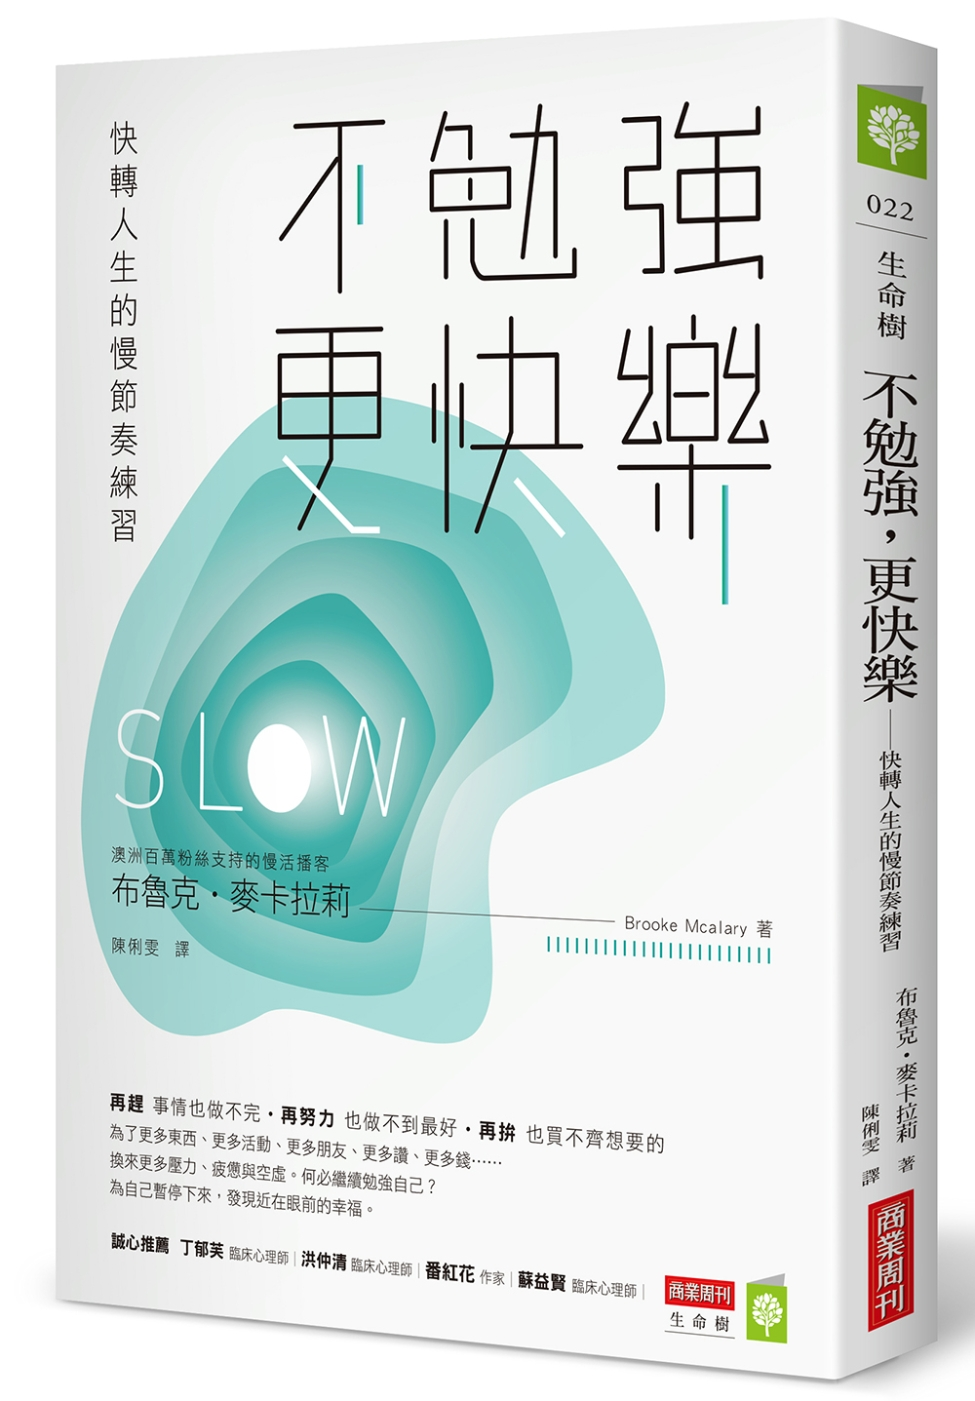 《不勉強,更快樂:快轉人生的慢節奏練習》 商品條碼,ISBN:9789867778024